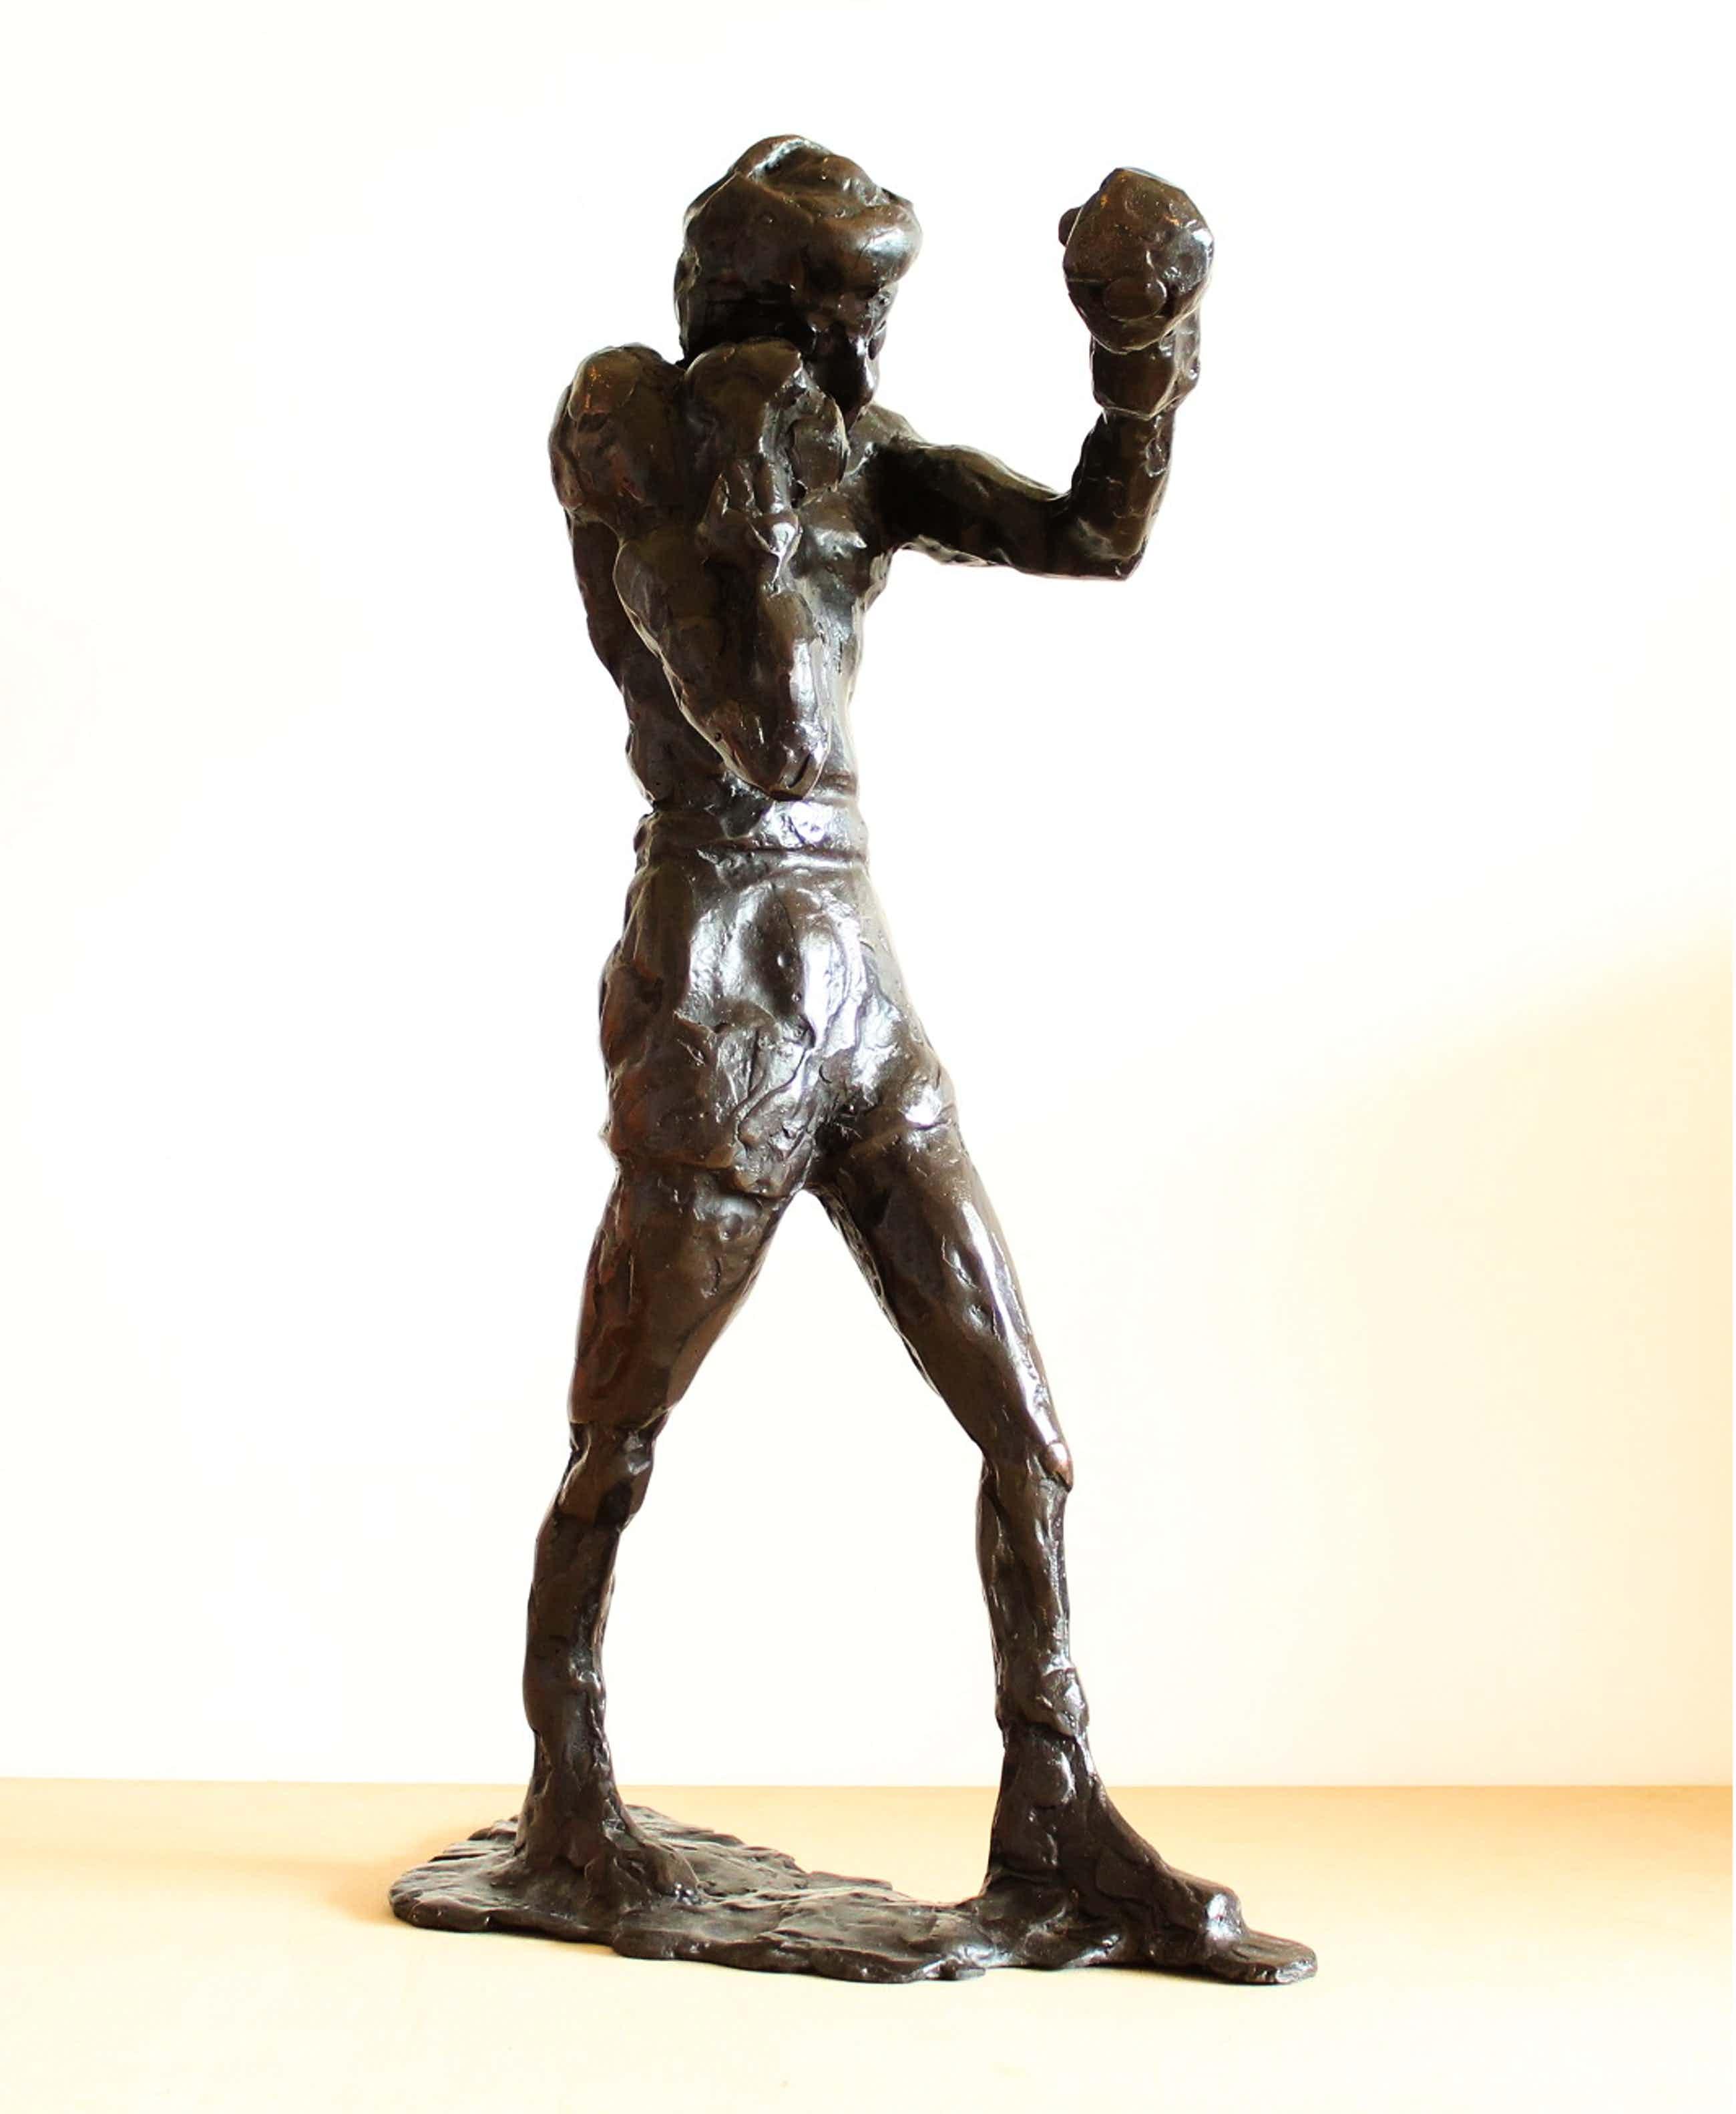 Theo Mackaay - Bronzen beeld: Boxer, 2006 kopen? Bied vanaf 1125!